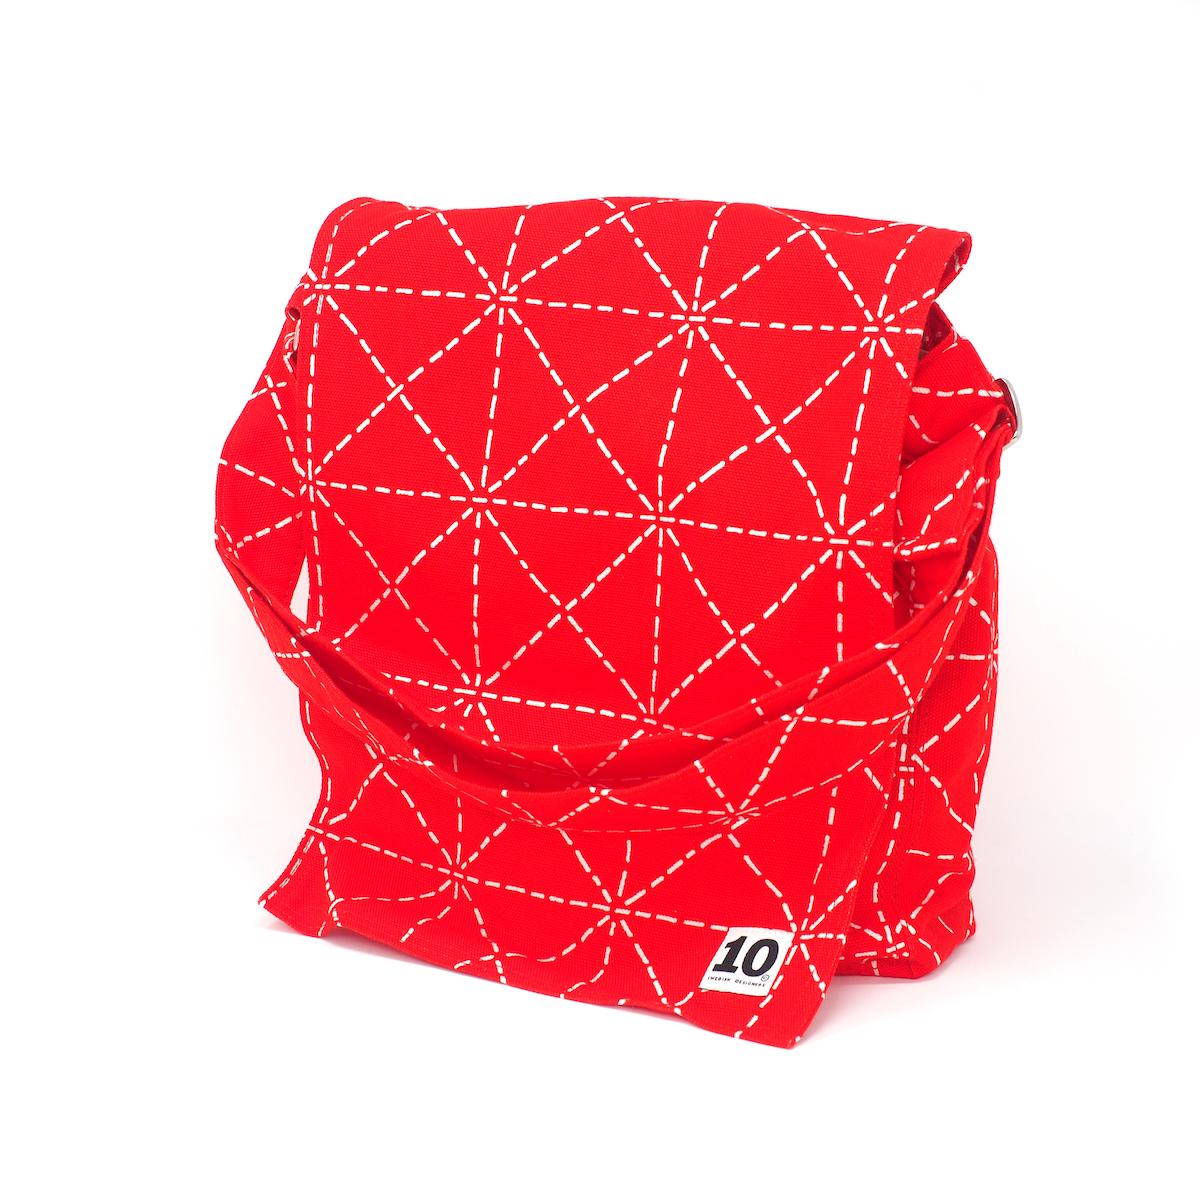 サムネイル:ショルダーバッグ フラップ Elsa red(10-GRUPPEN ティオグルッペン)